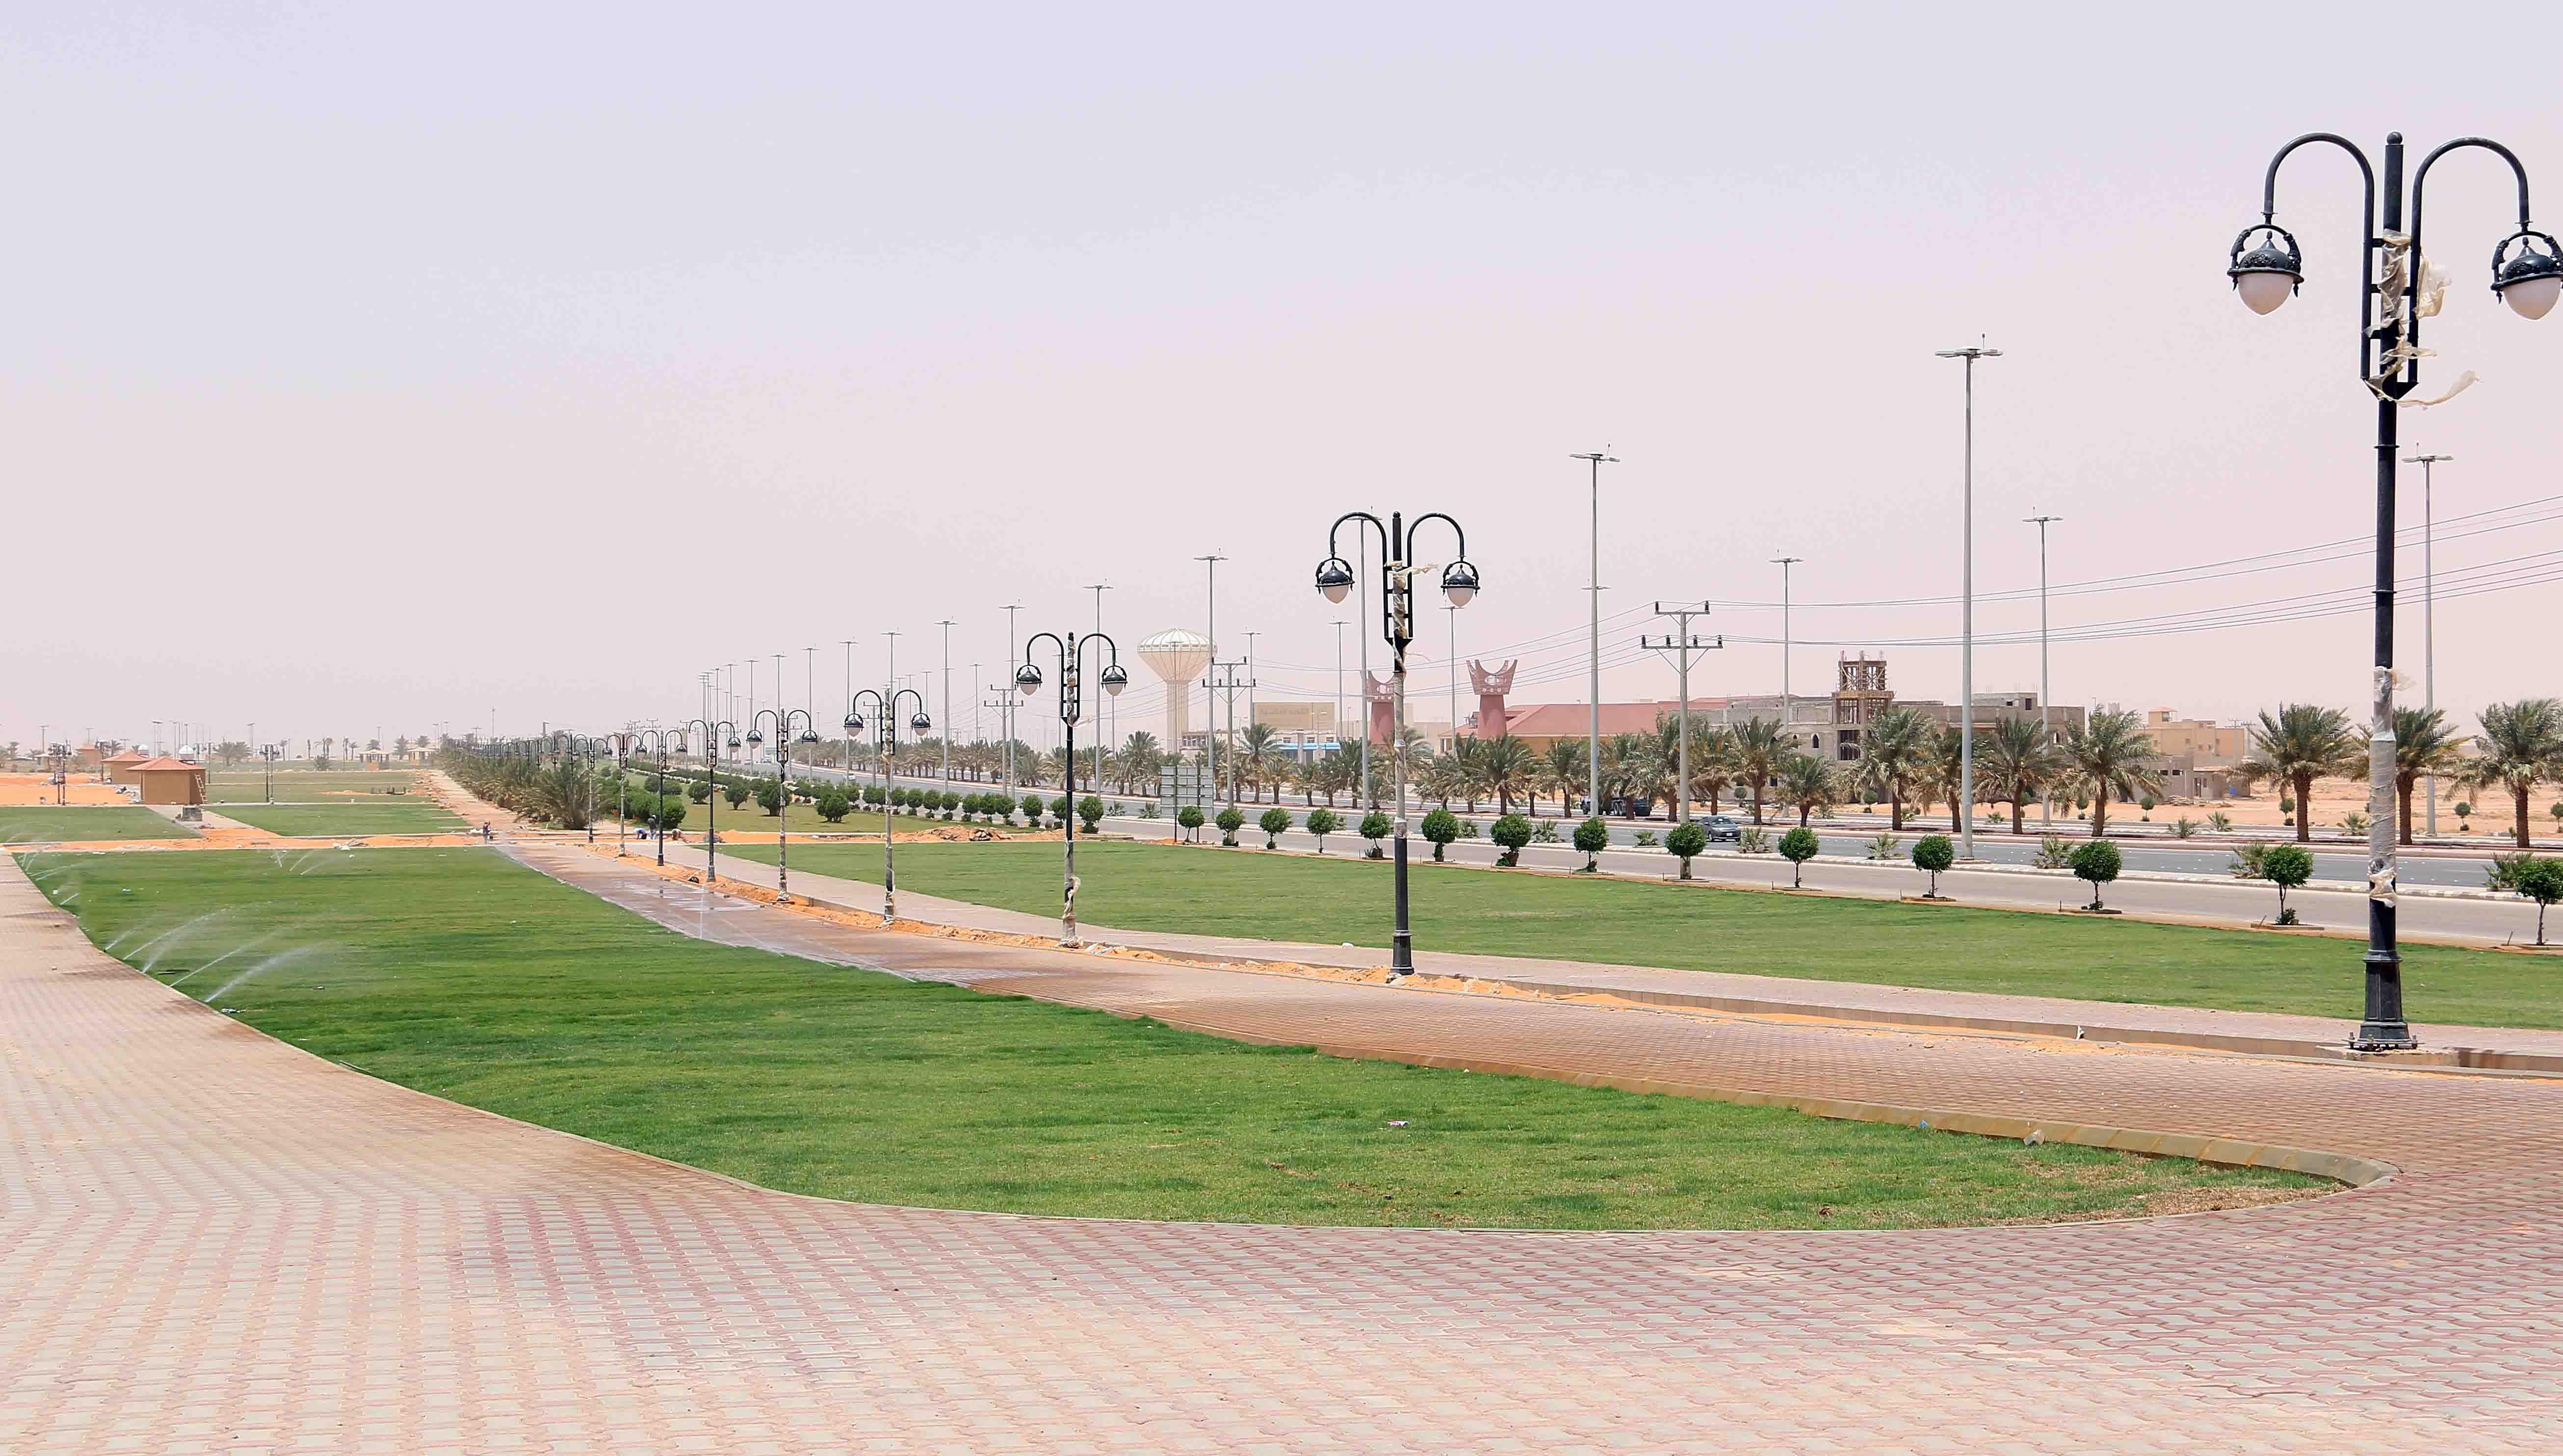 بلدية الزلفي تستكمل استعدادها لهذا الصيف 1435هـ شبكة سما الزلفي Baseball Field Field